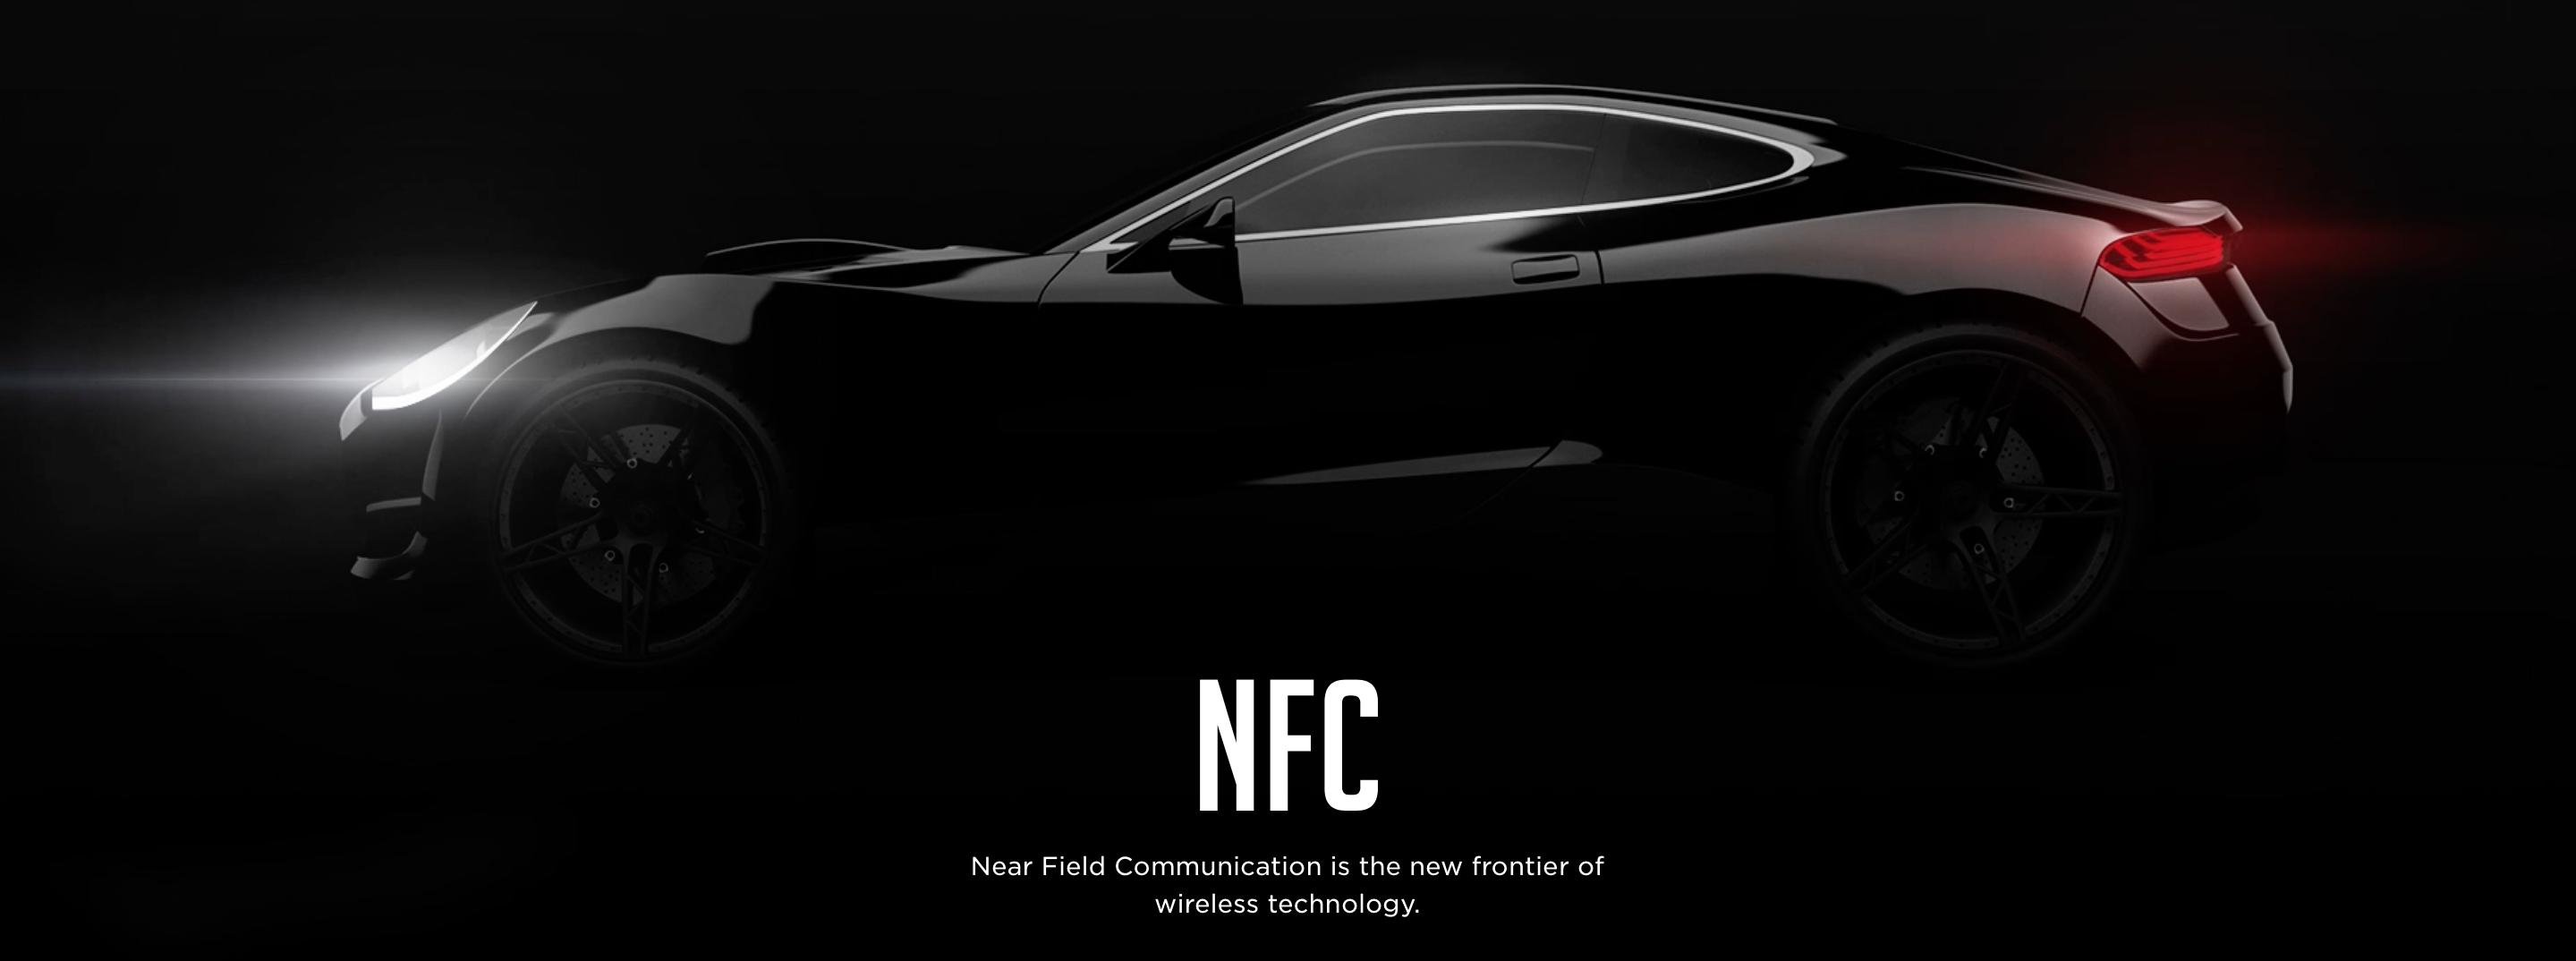 USPS_NFC